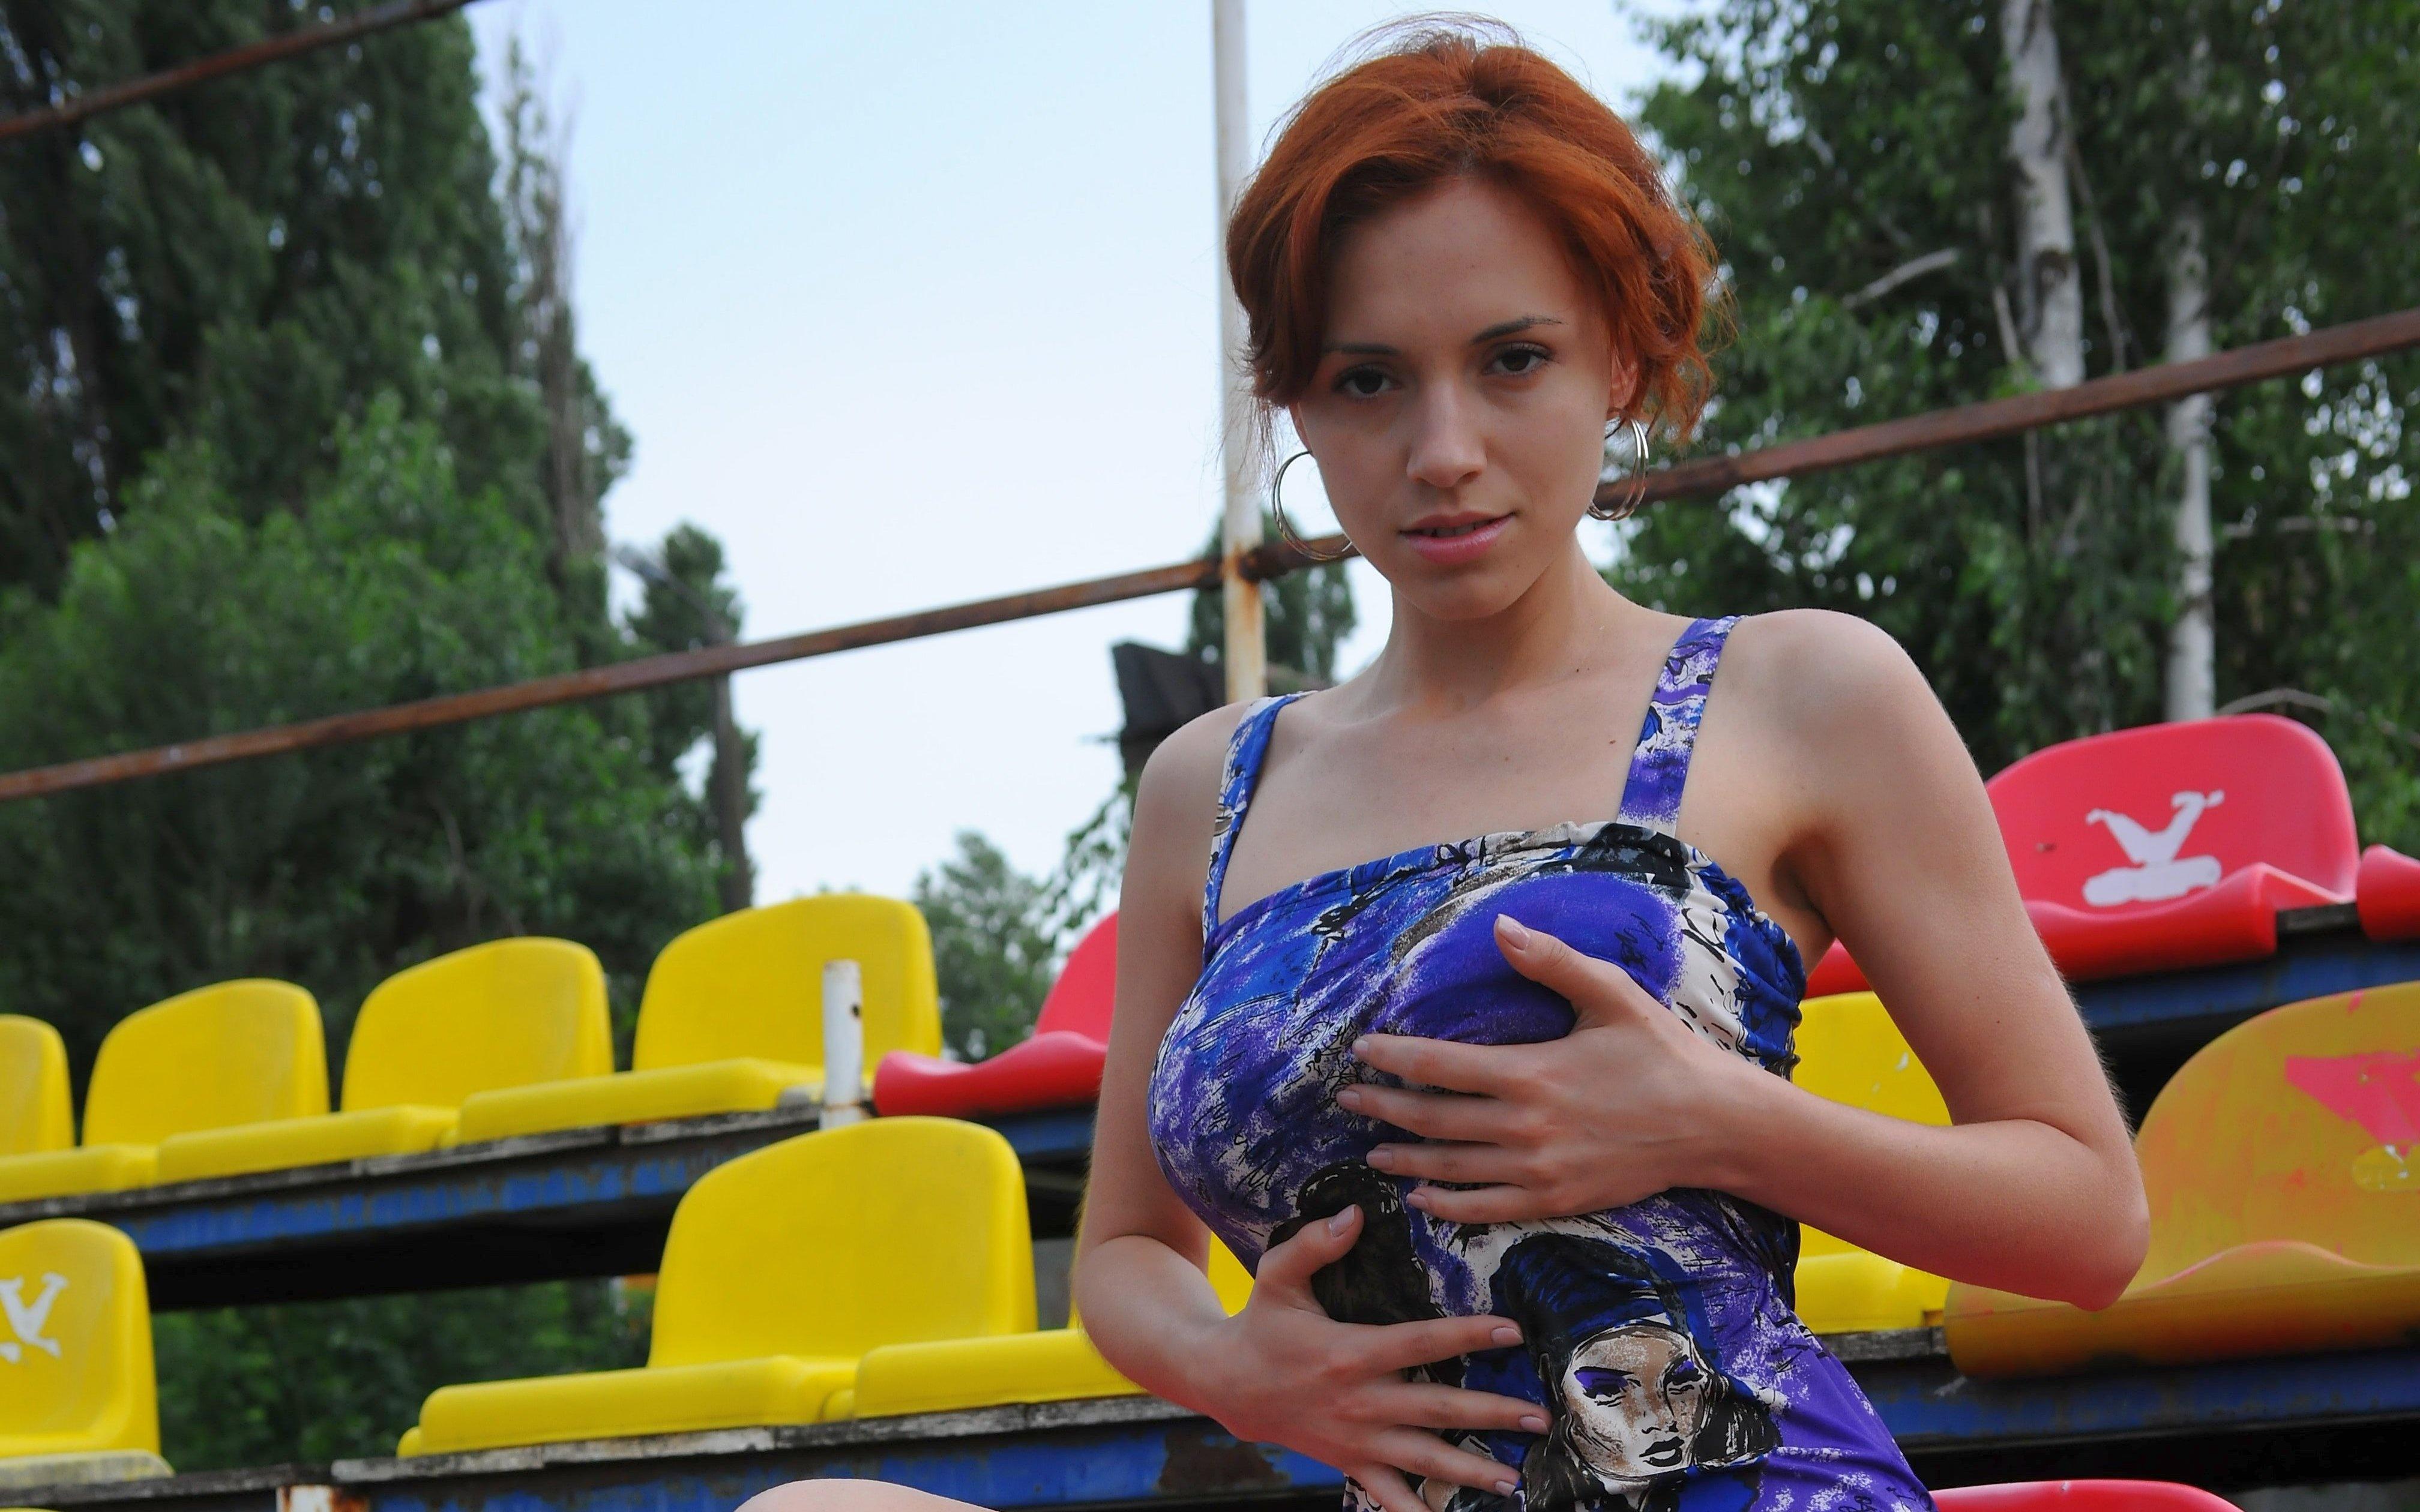 Wallpaper dress, legs, figure, redhead, outdoors